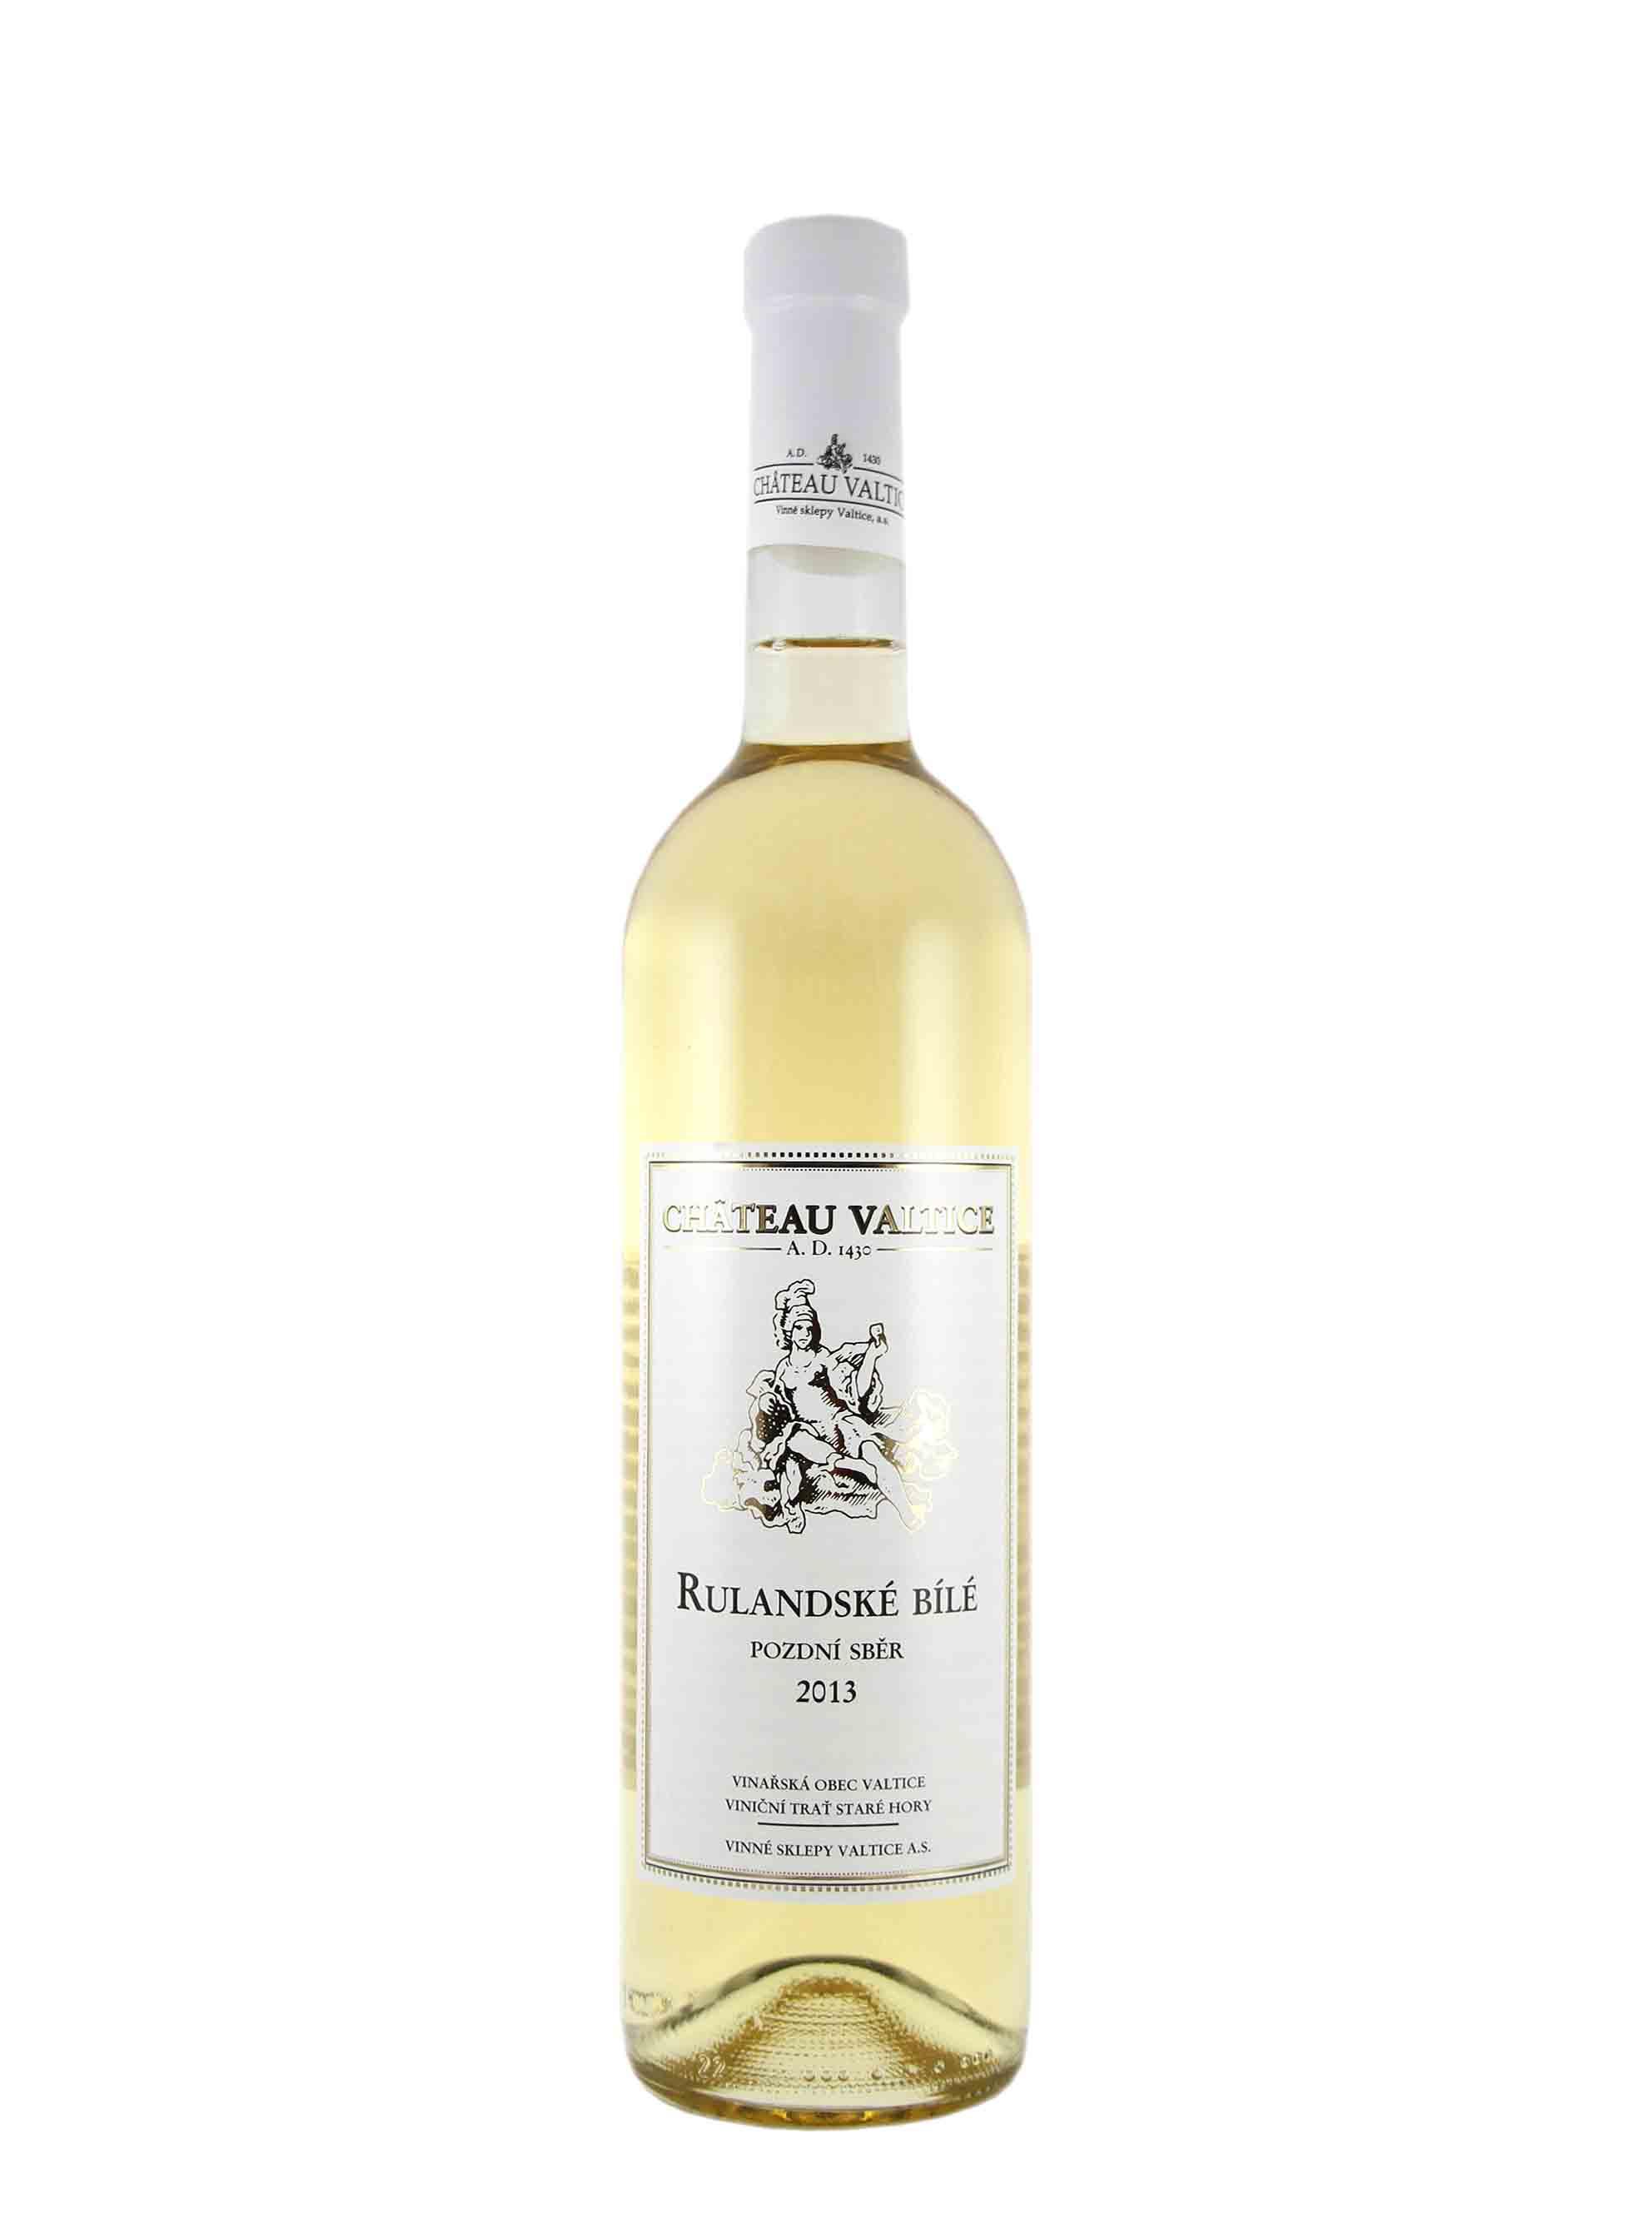 Rulandské bílé, Pozdní sběr, 2013, Château Valtice, 0.75 l